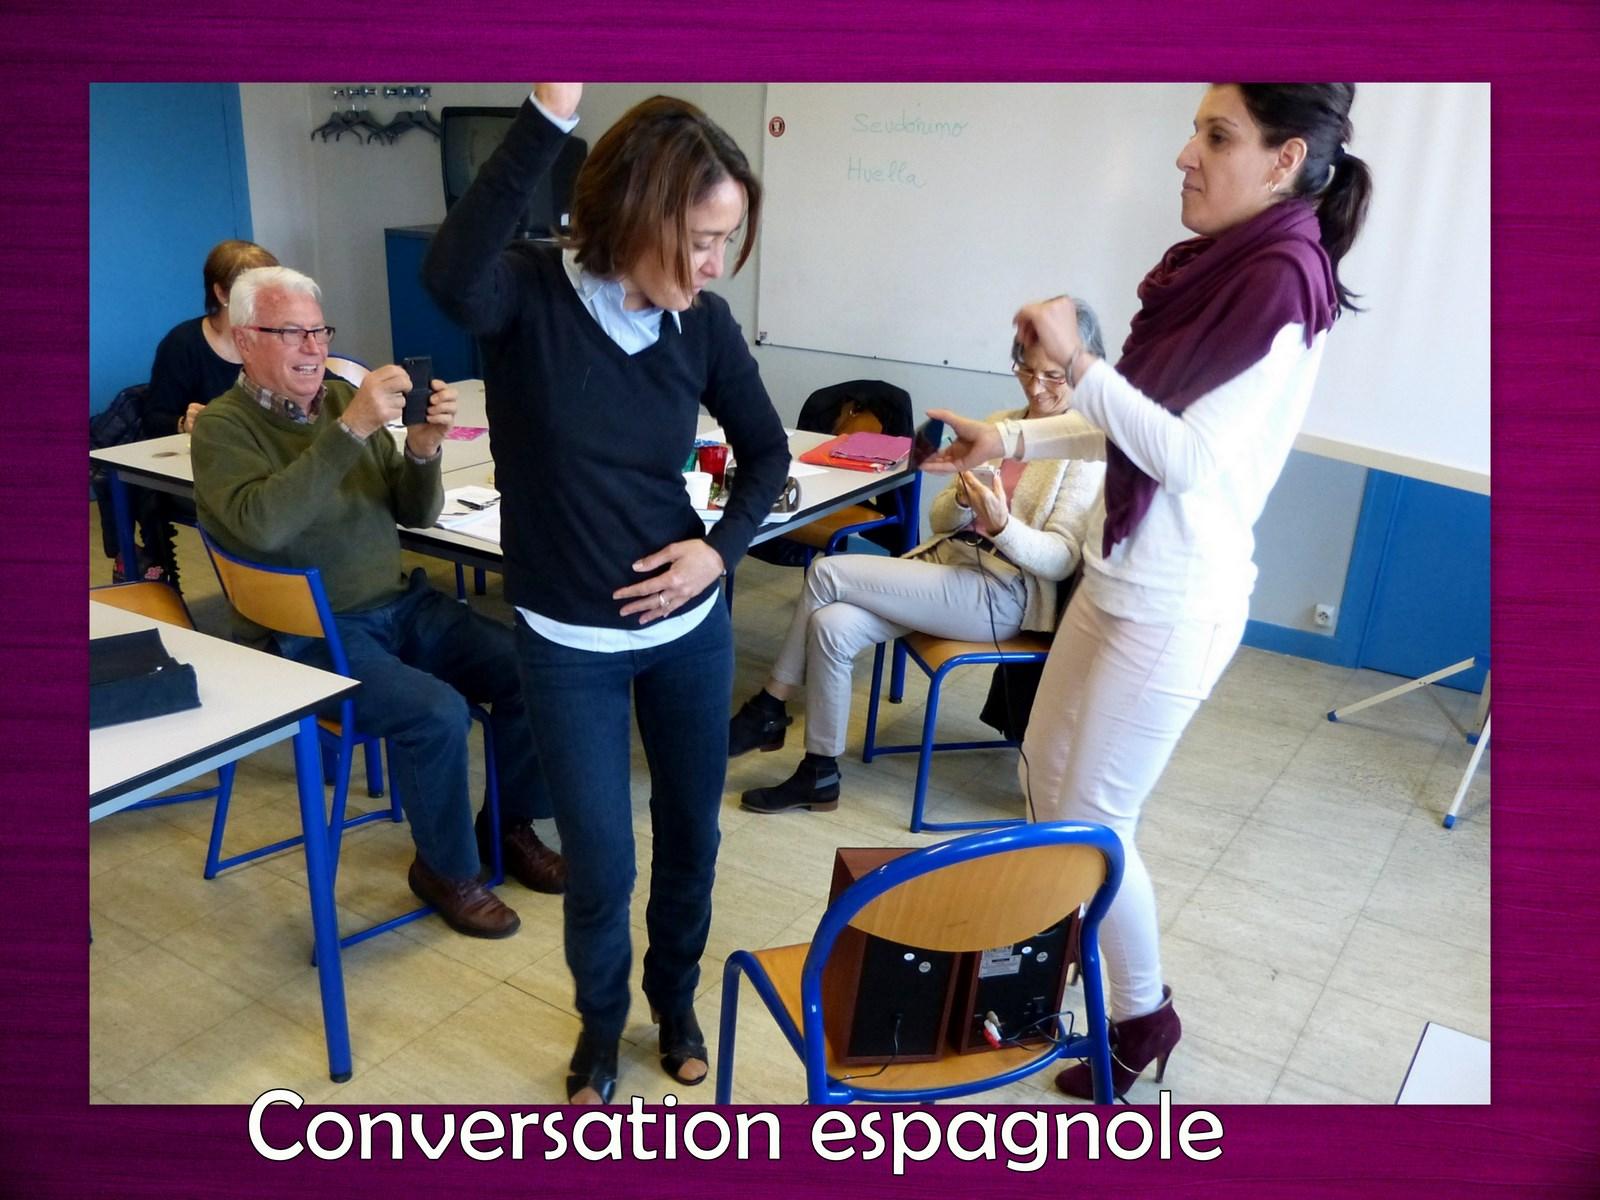 Conversation espagnole1 (2)